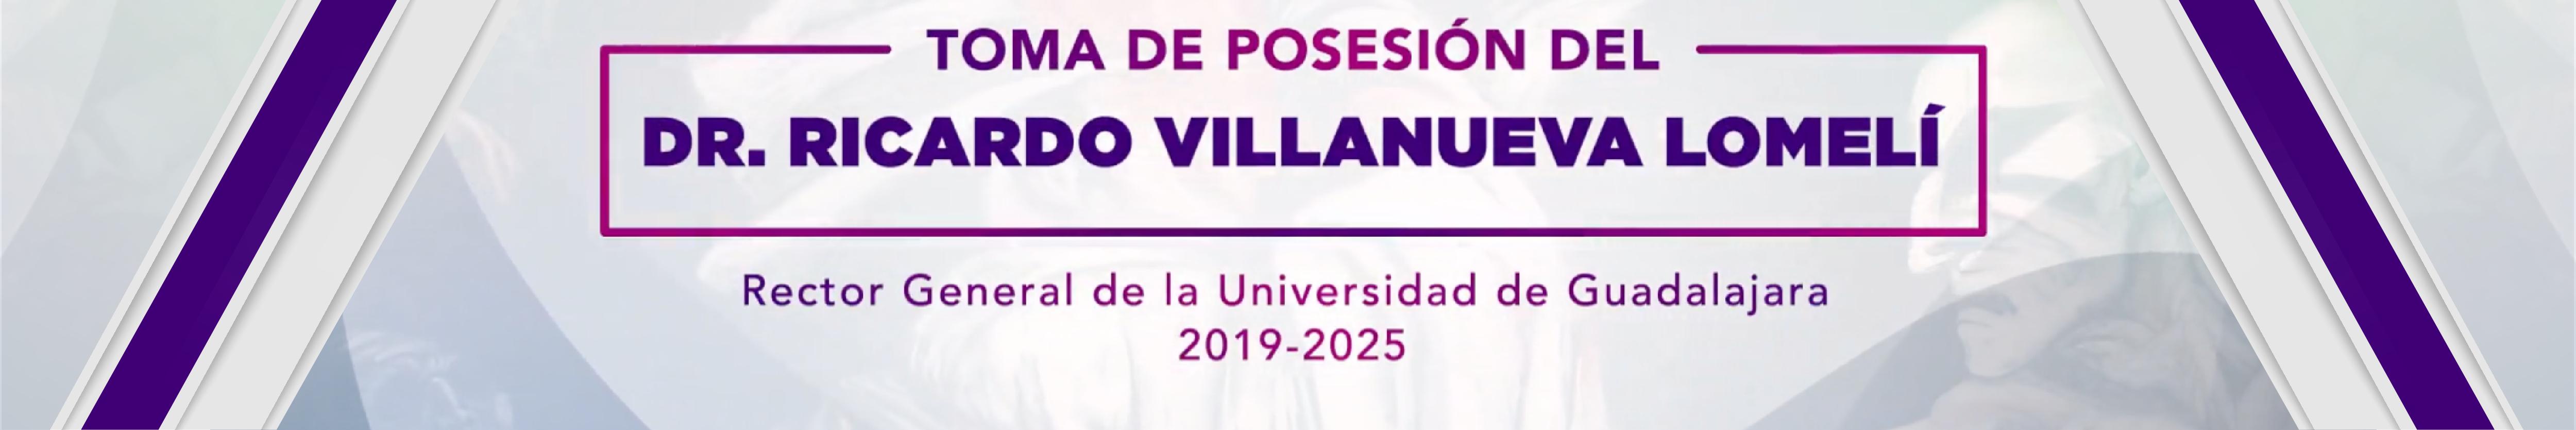 Toma de posesión del dr. Ricardo Villanueva Lomelí - Rector General de la Universidad de Guadalajara 2019 - 2025